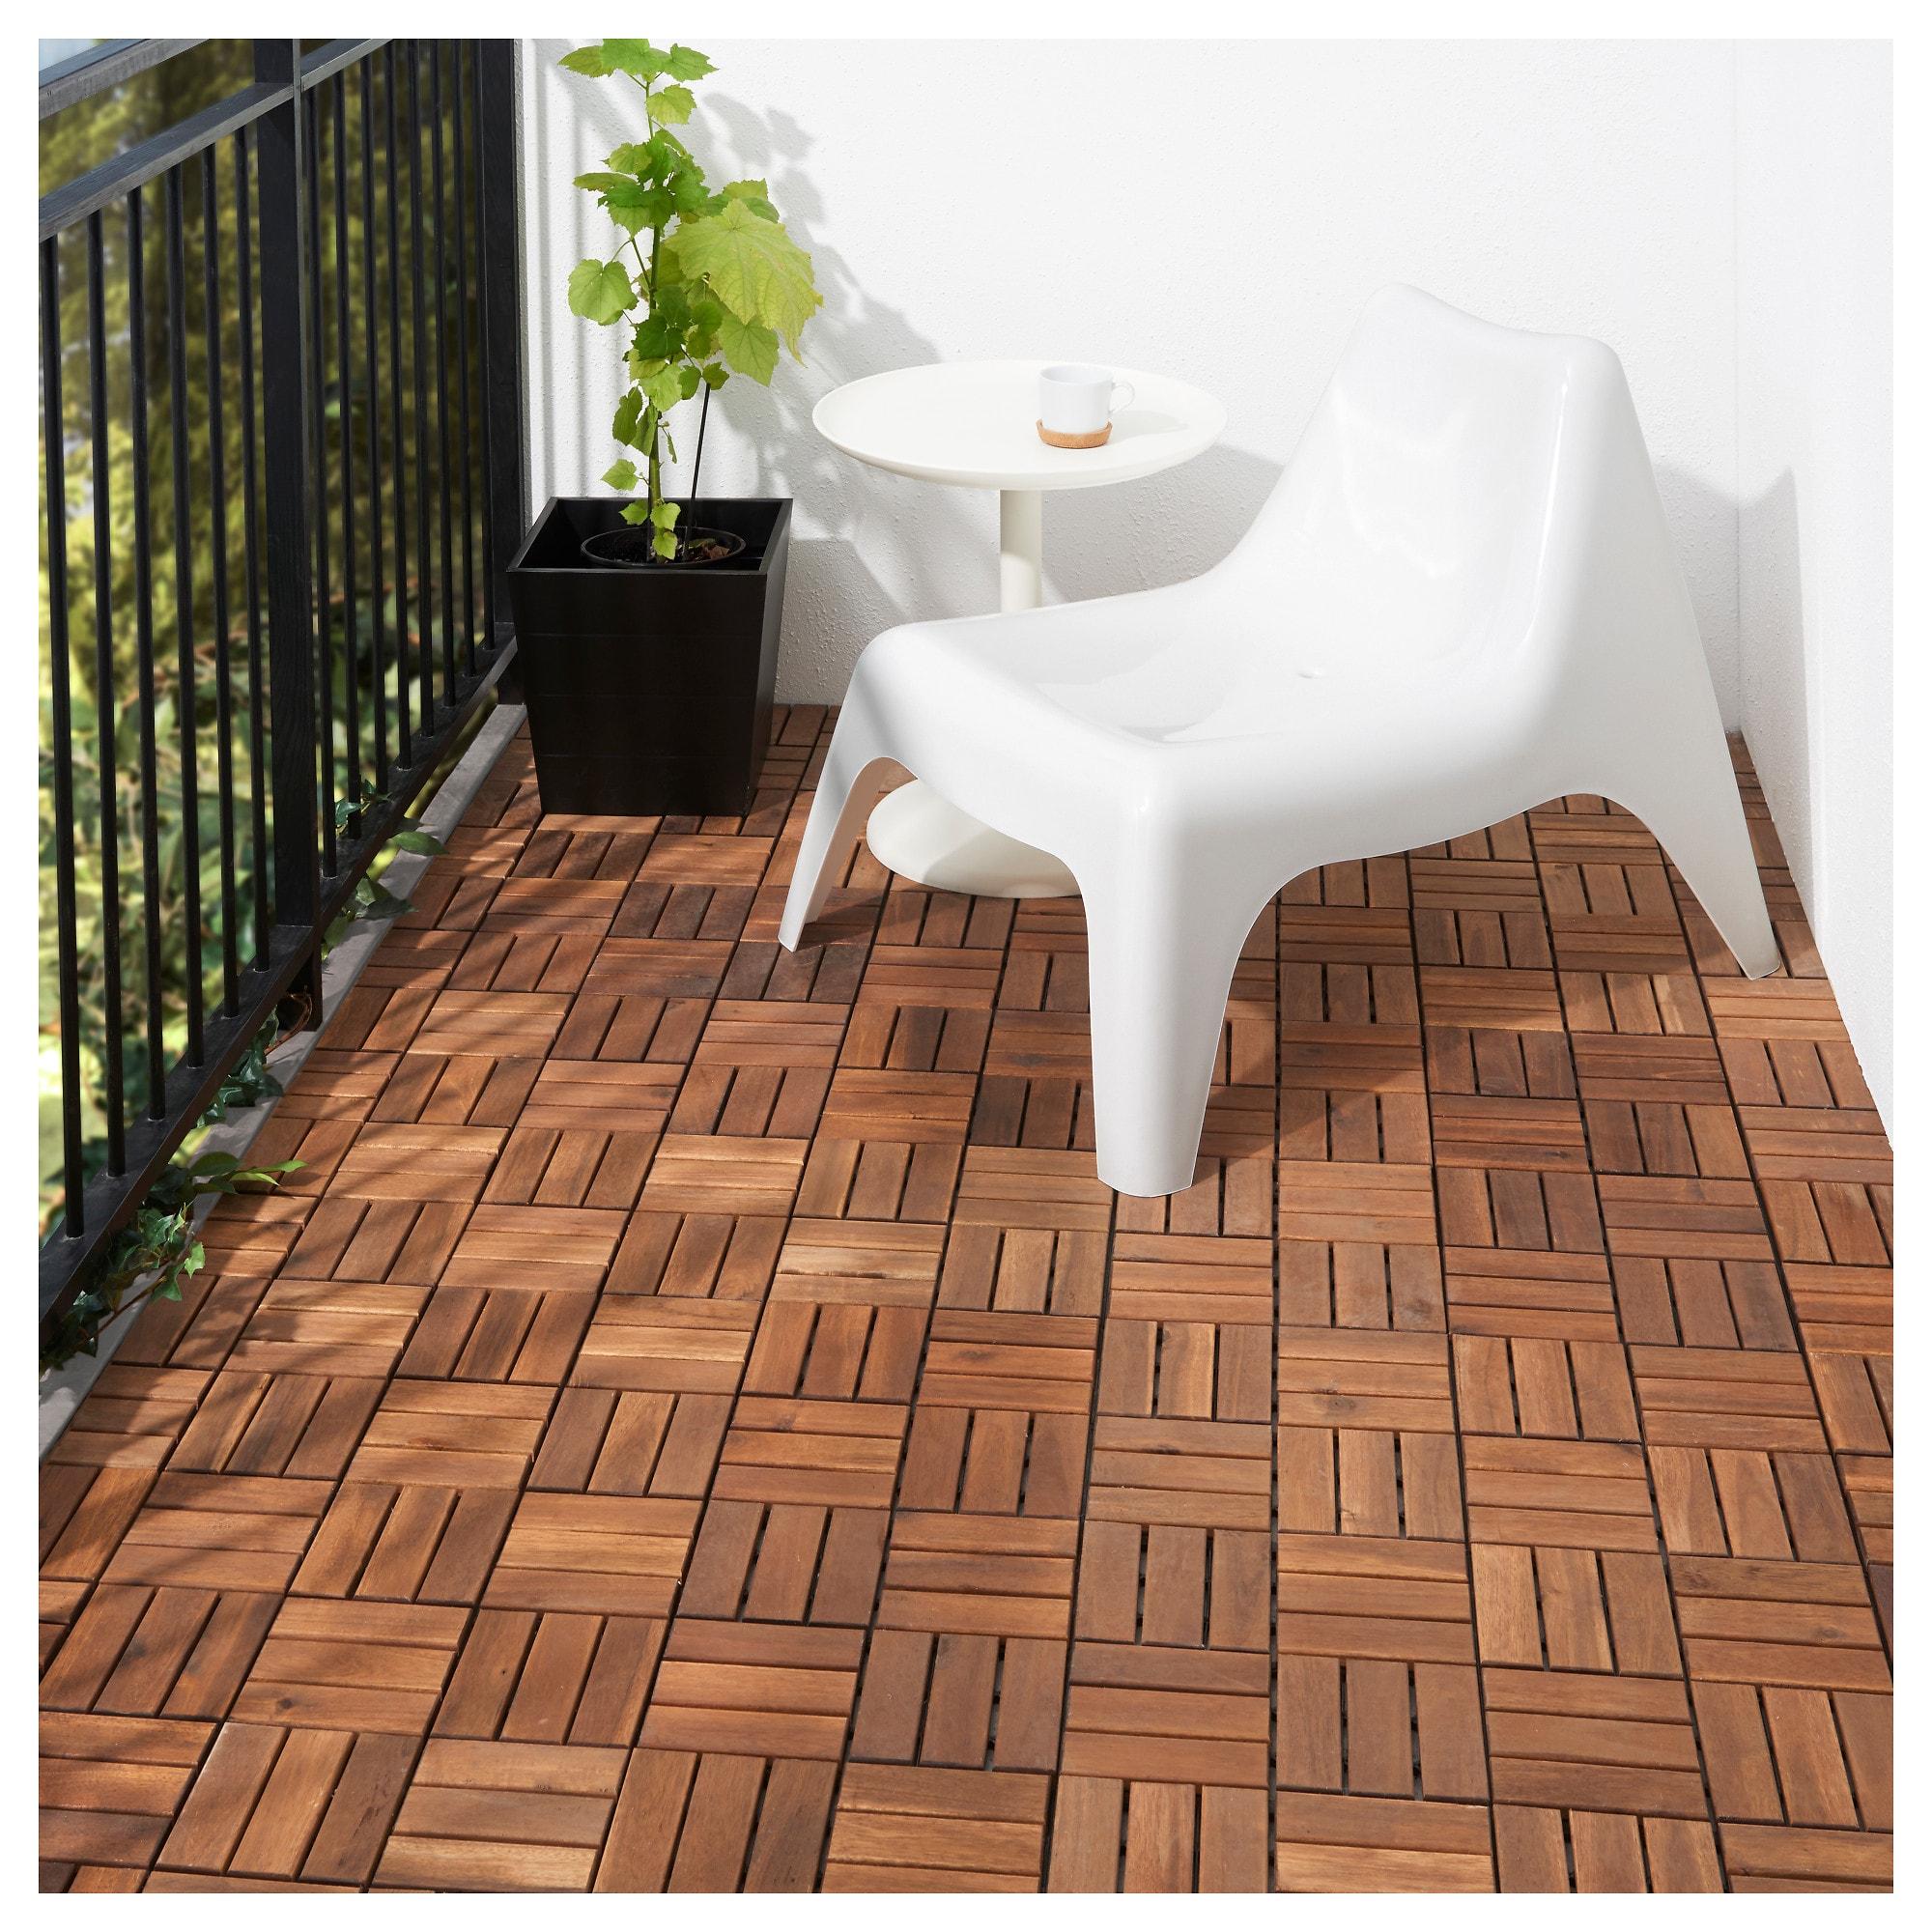 Outdoor Tiles Ikea Outdoor Outdoor Flooring Patio Flooring